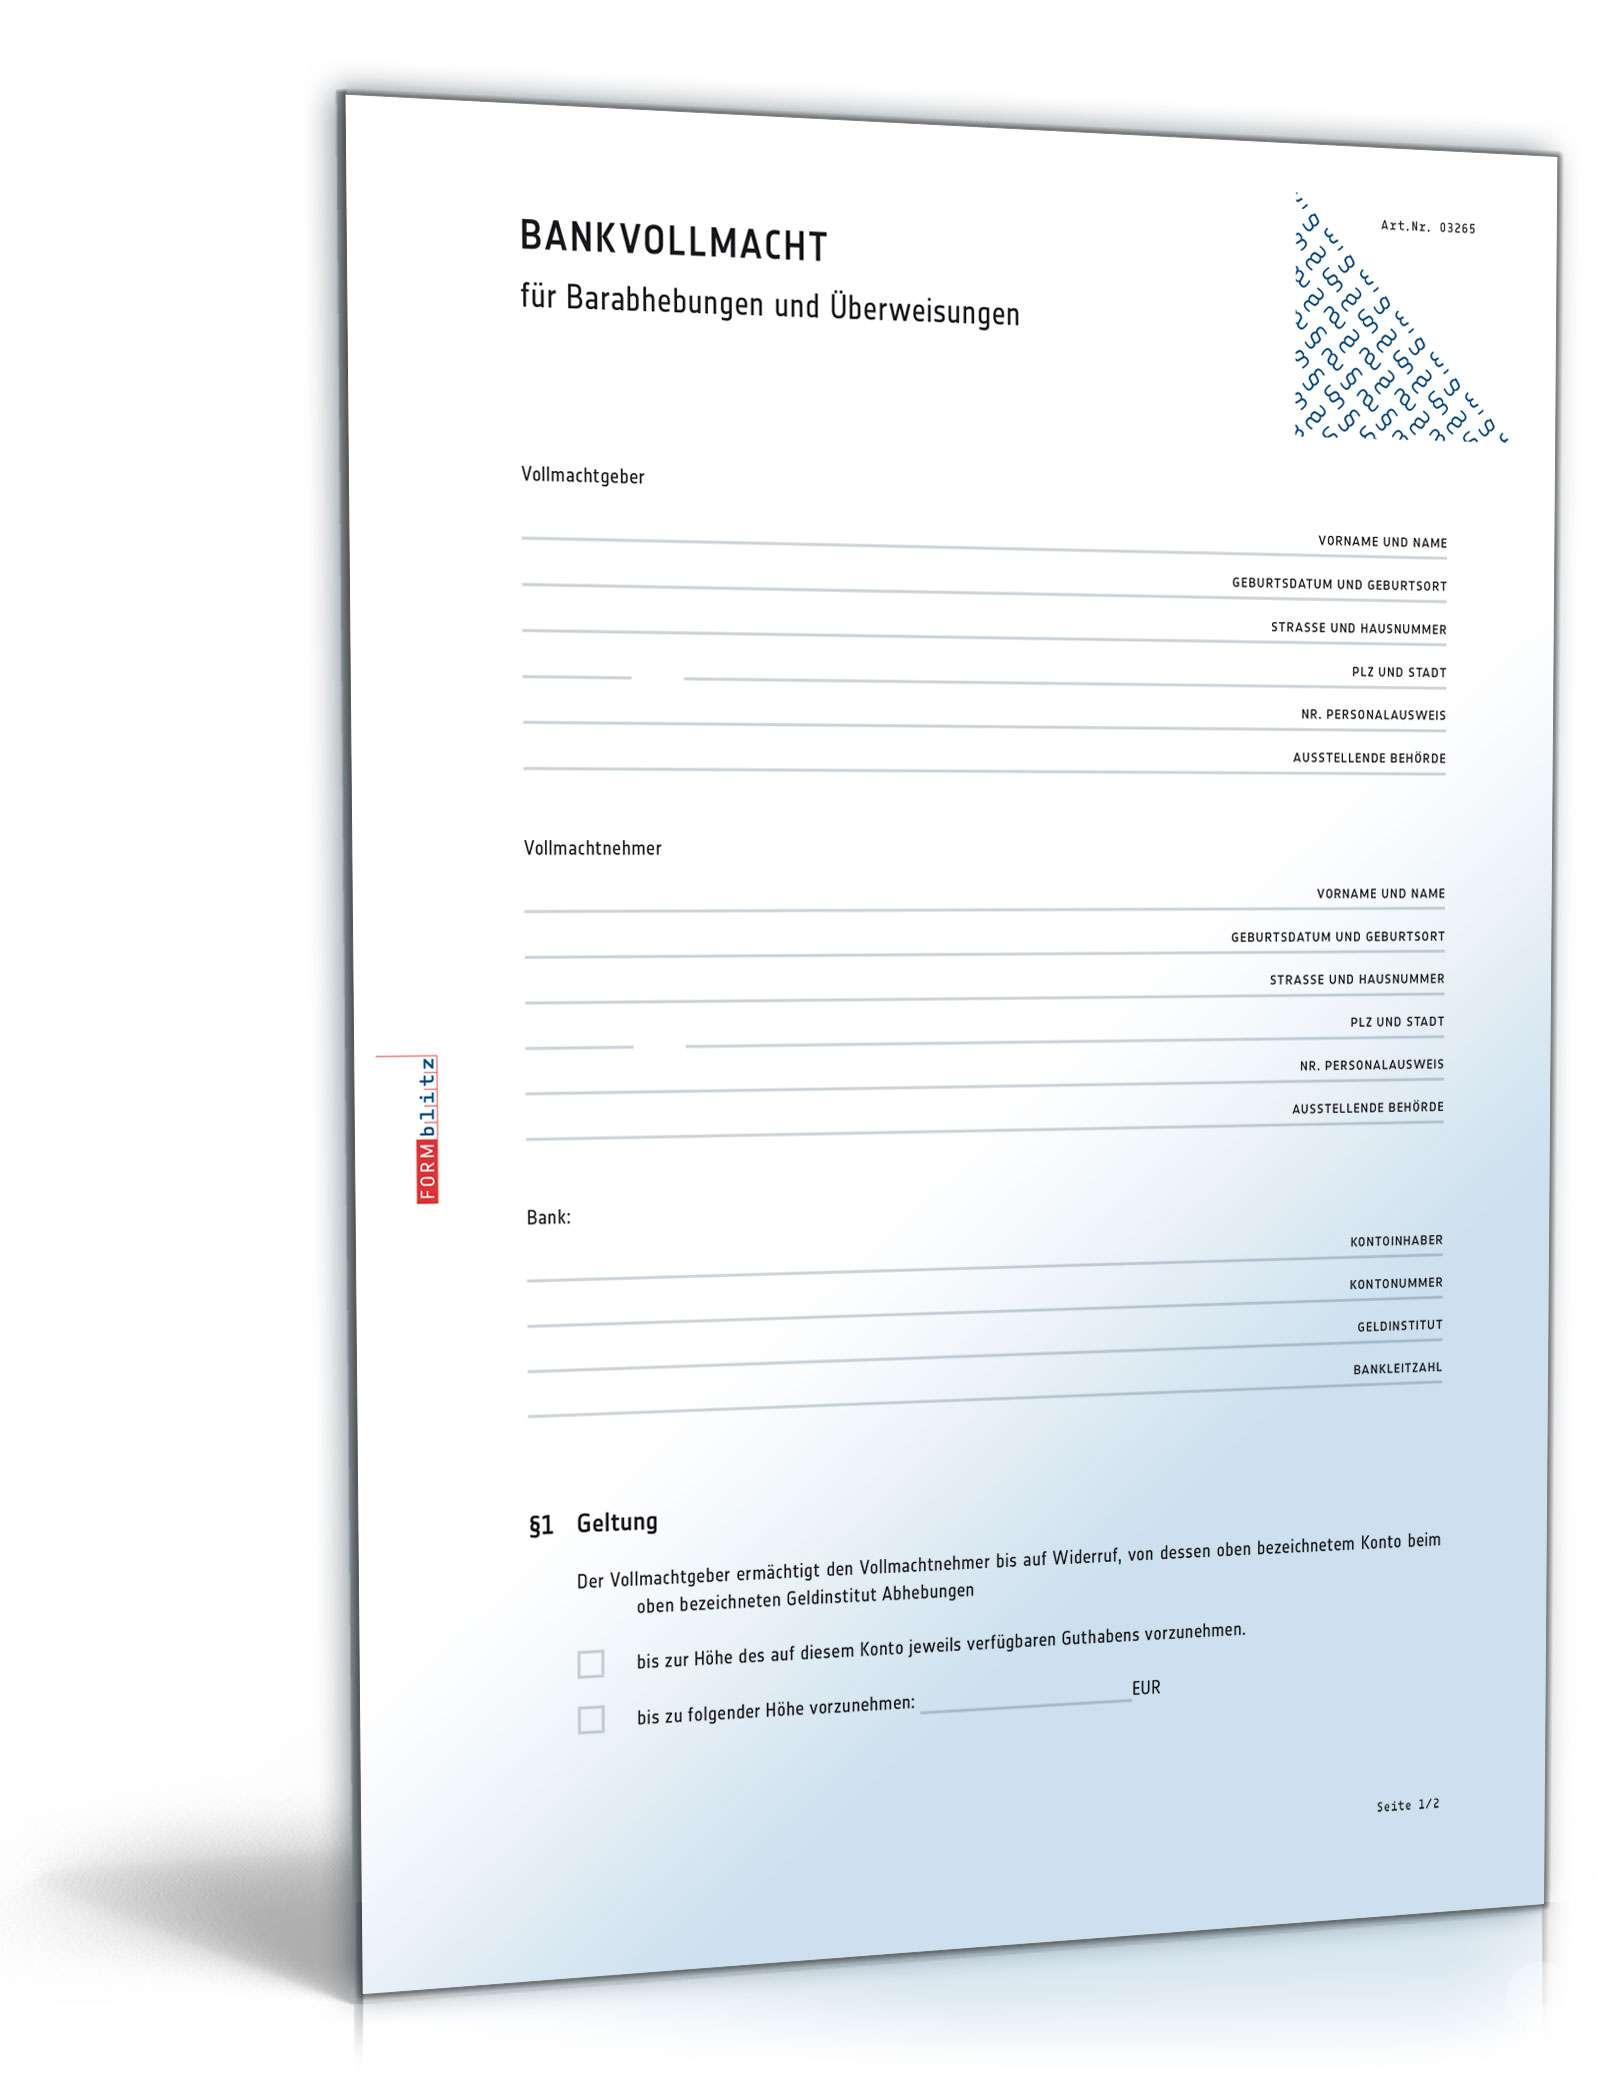 Bankvollmacht Muster Als Kostenlose Vorlage Zum Download